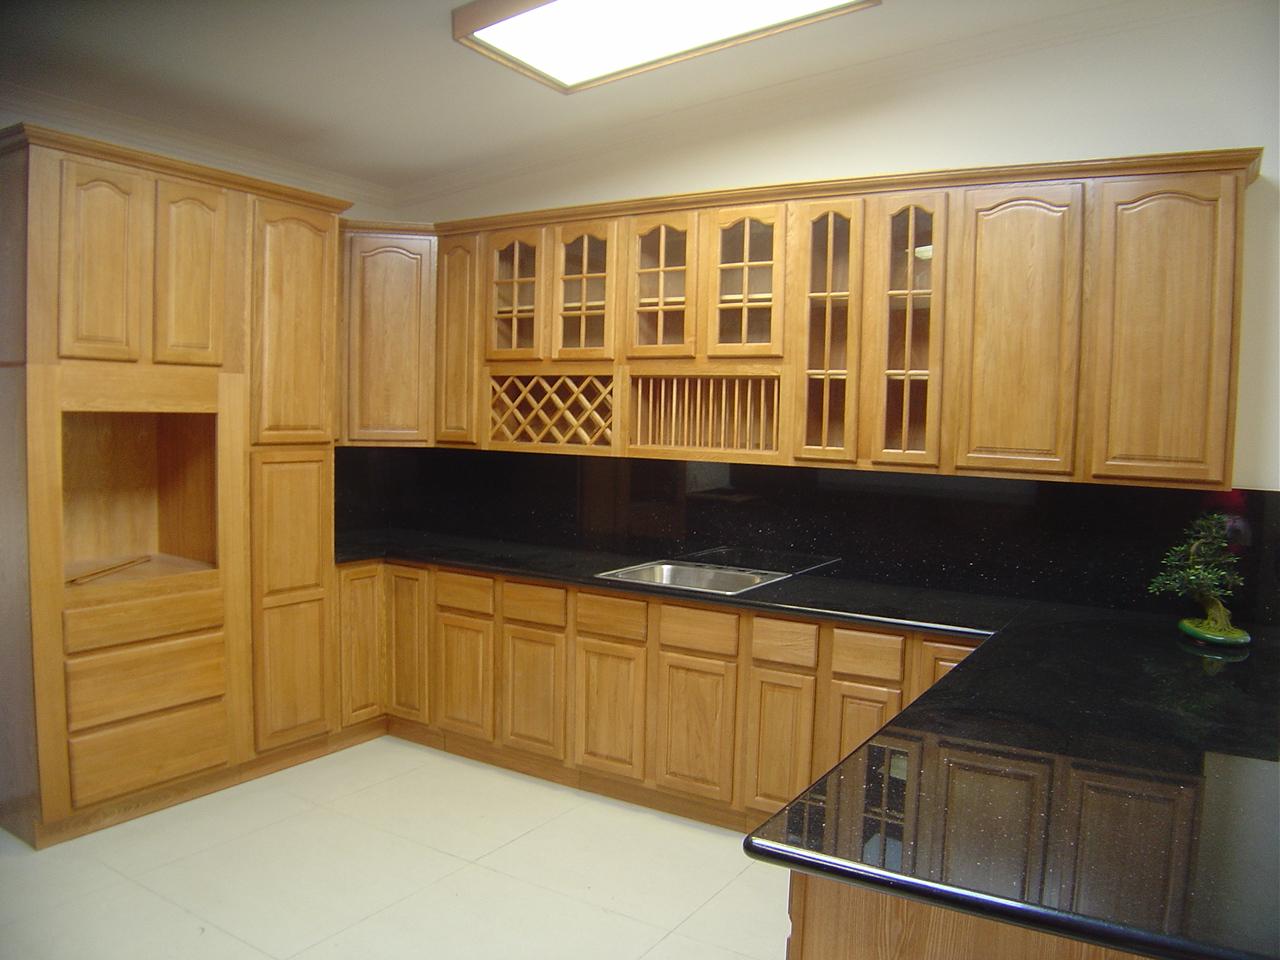 kitchen design ideas cabinets photo - 4